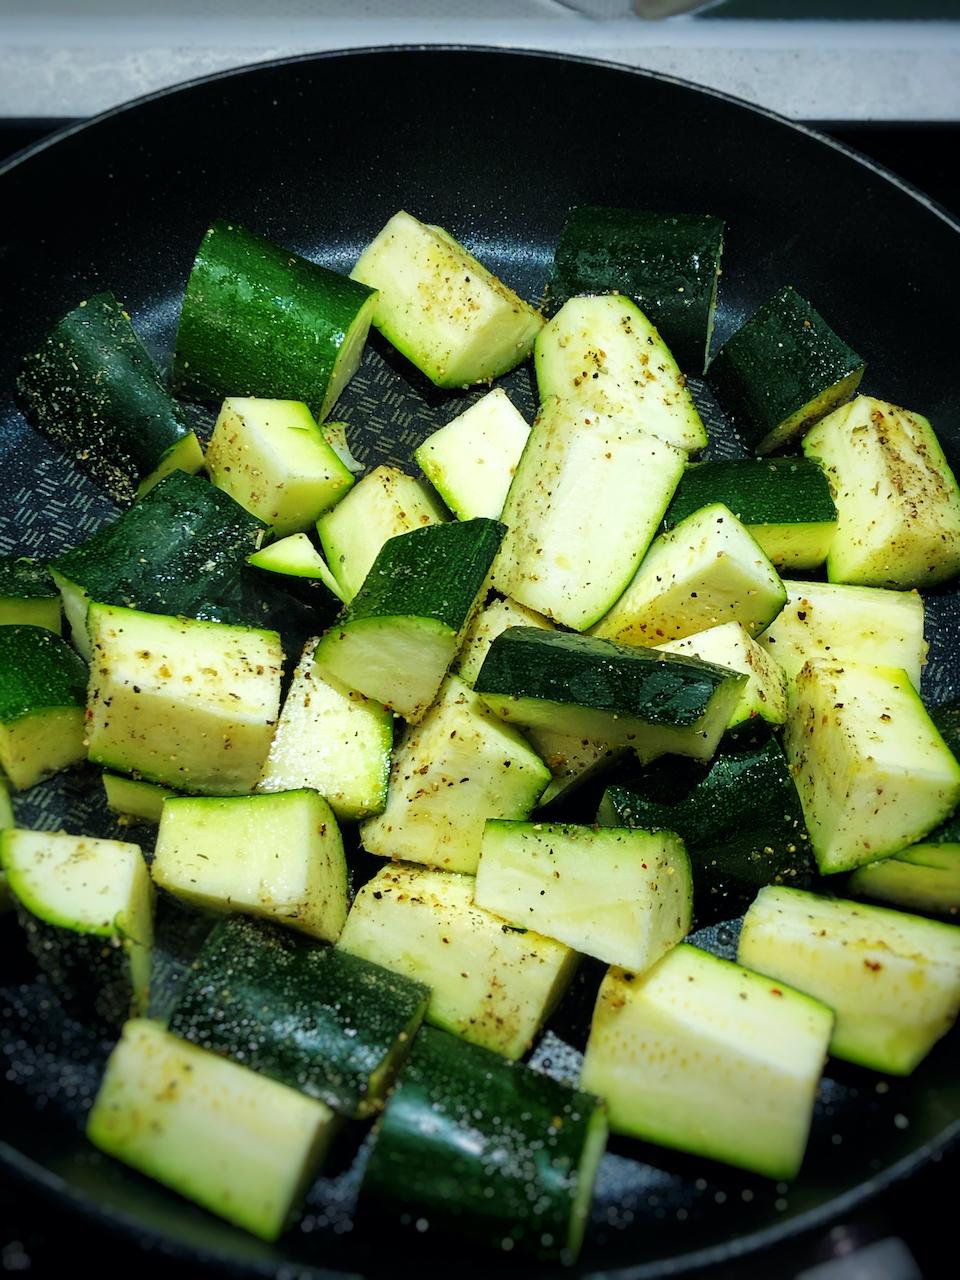 frying the zucchini in a pan